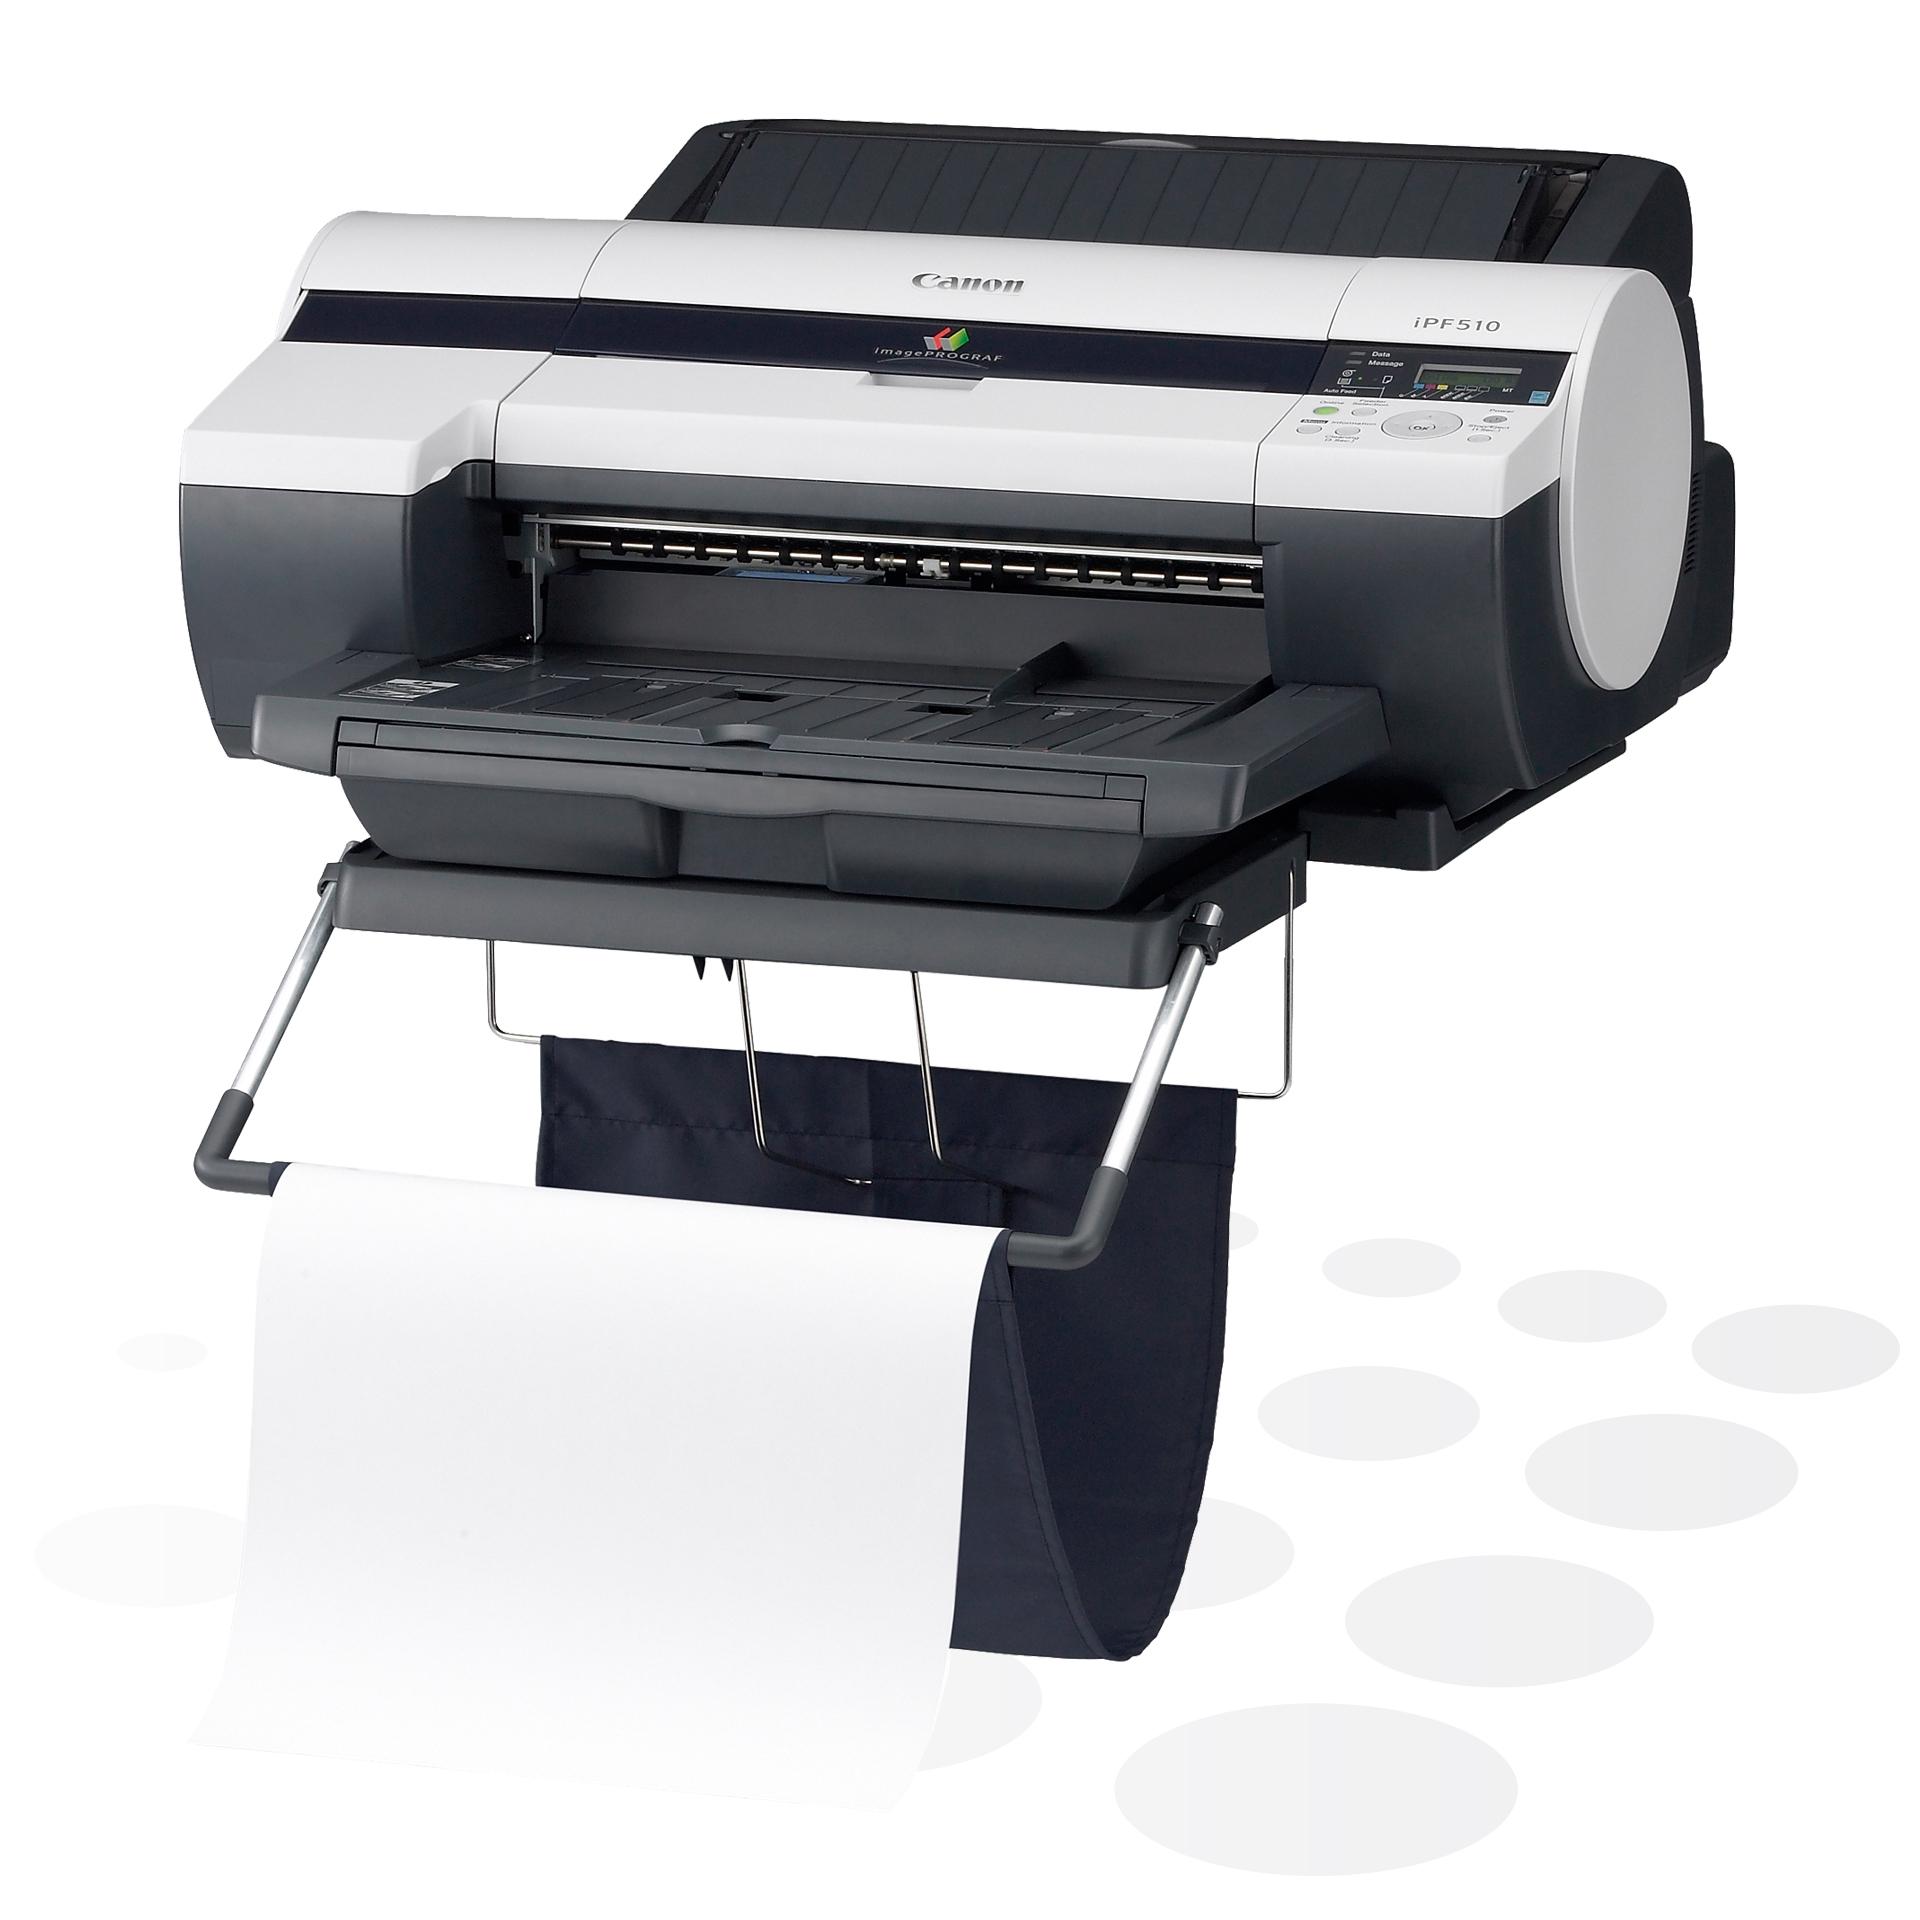 """iPF510 - 17"""" Großformatdrucker, ohne Untergestell, mit optionalem Auffangkorb"""